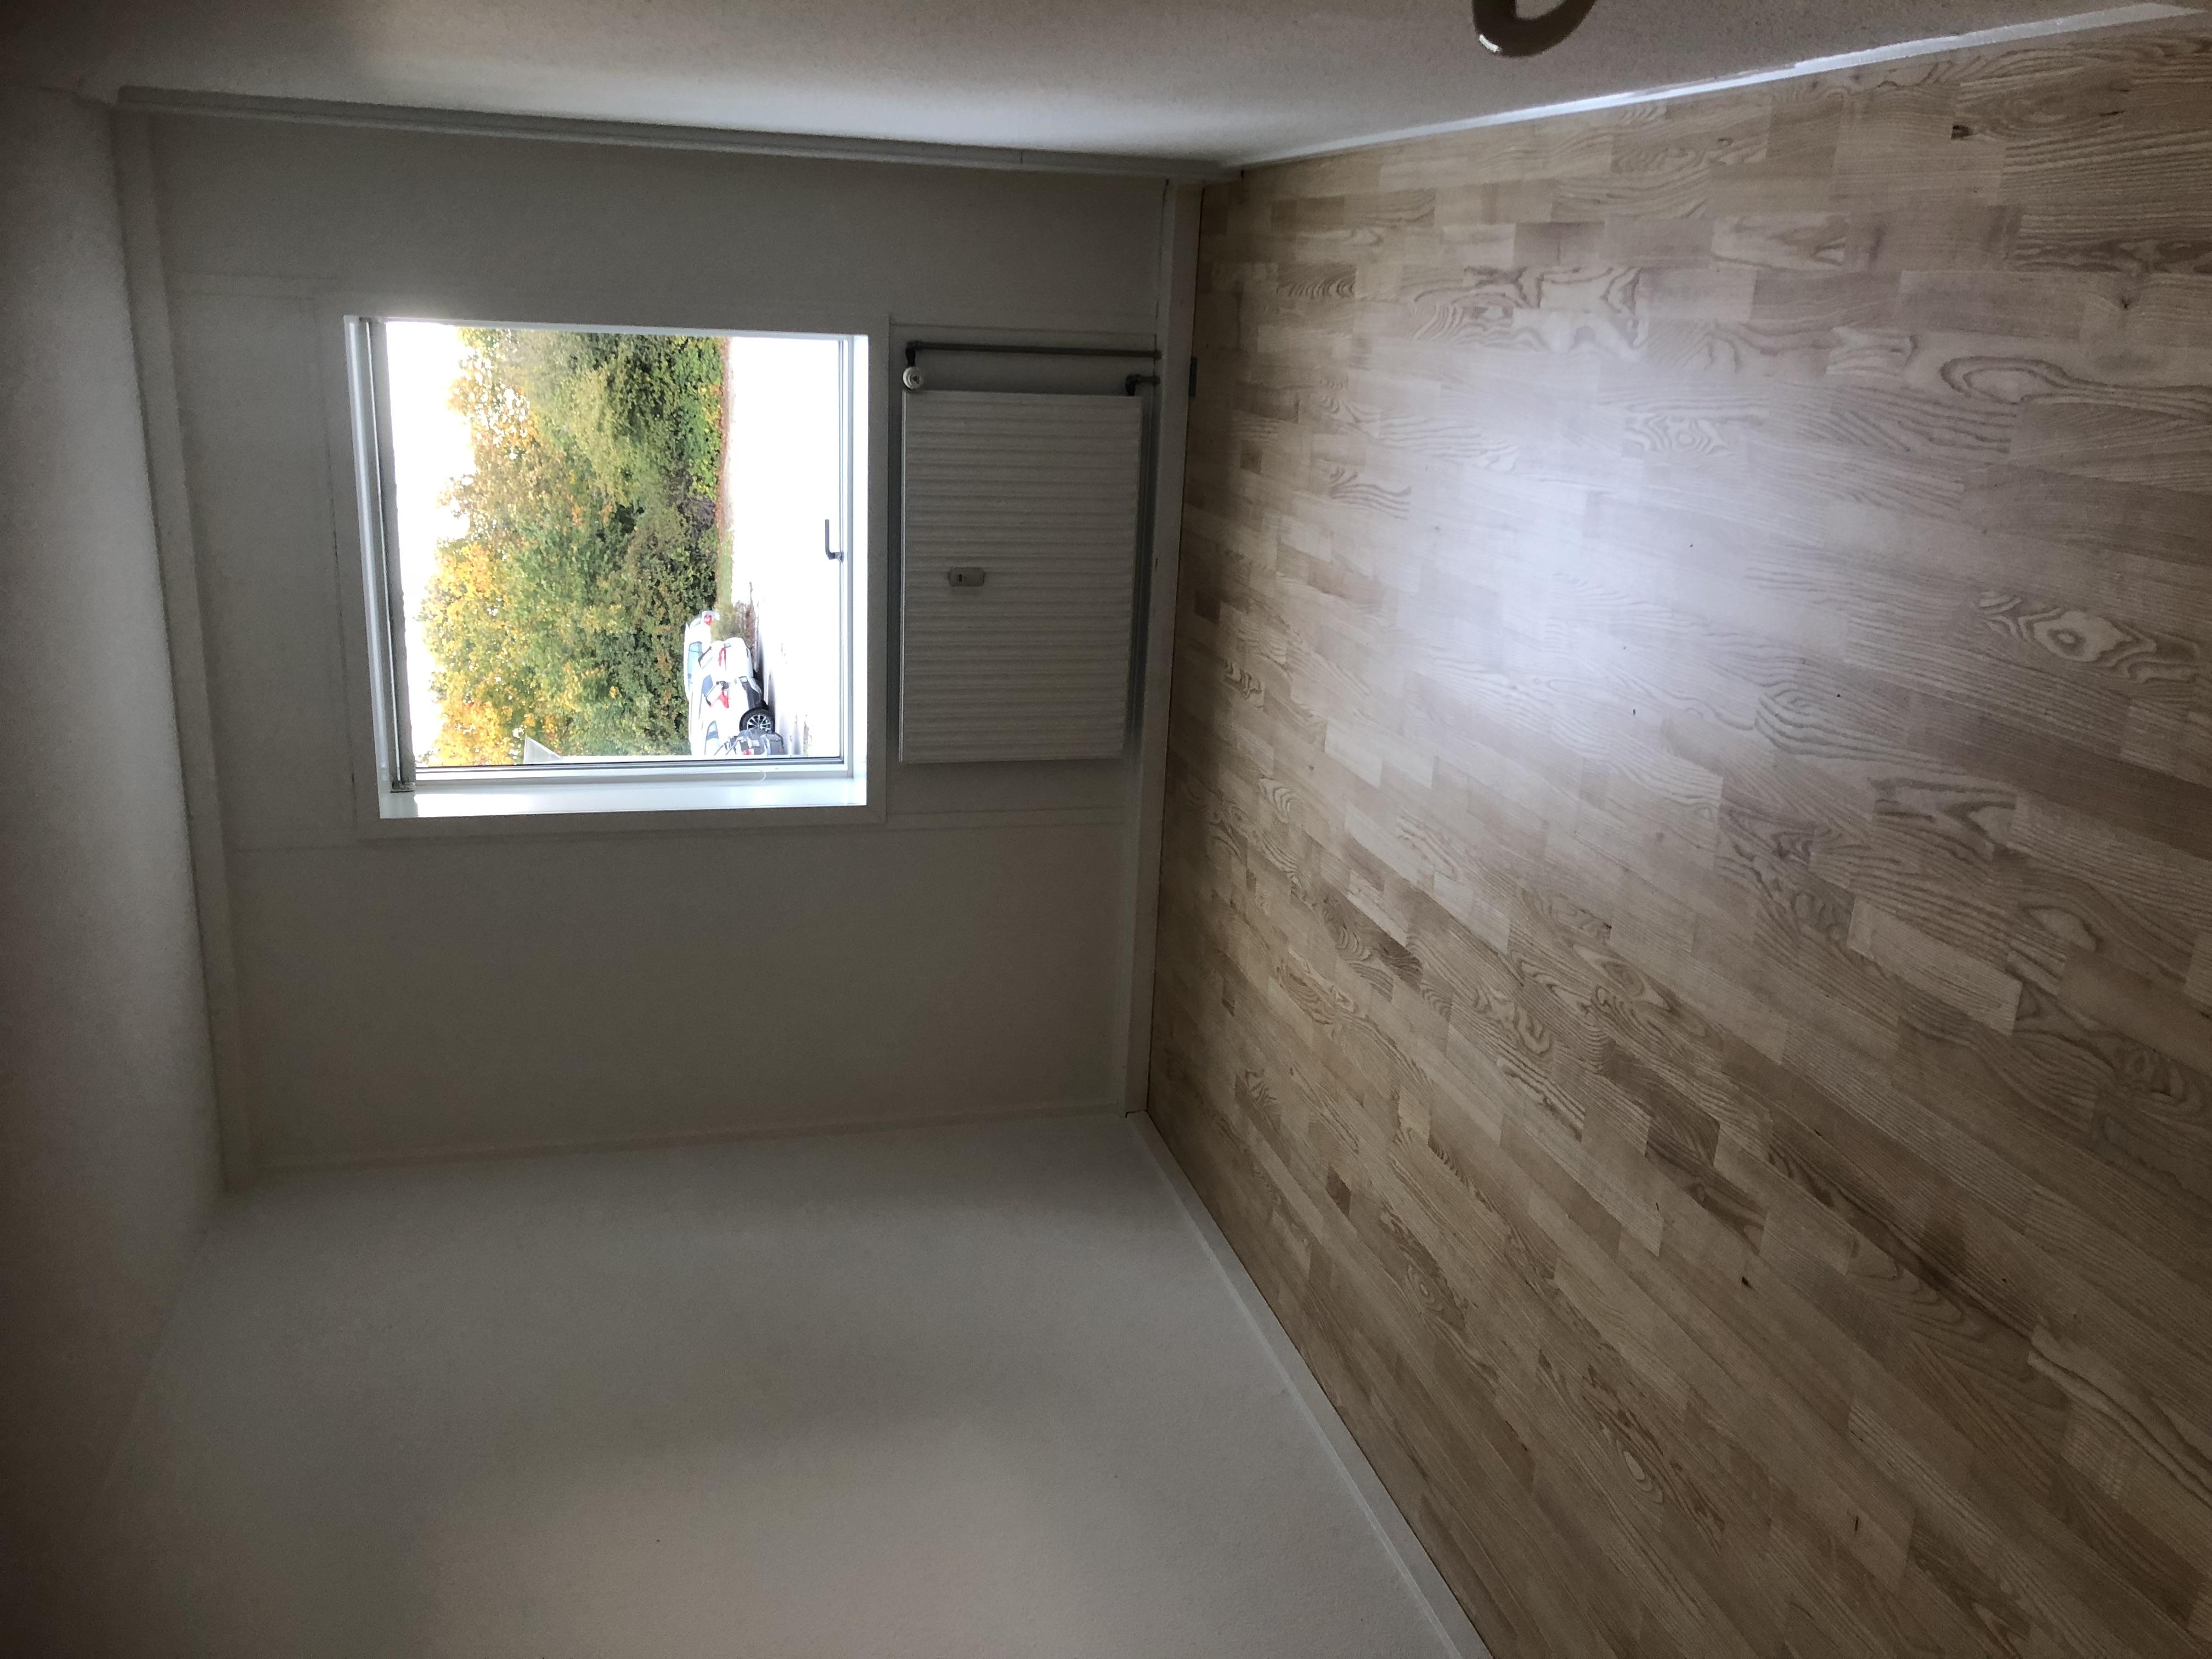 Jeg udlejer et værelse på 14, m2 i Vedbæk